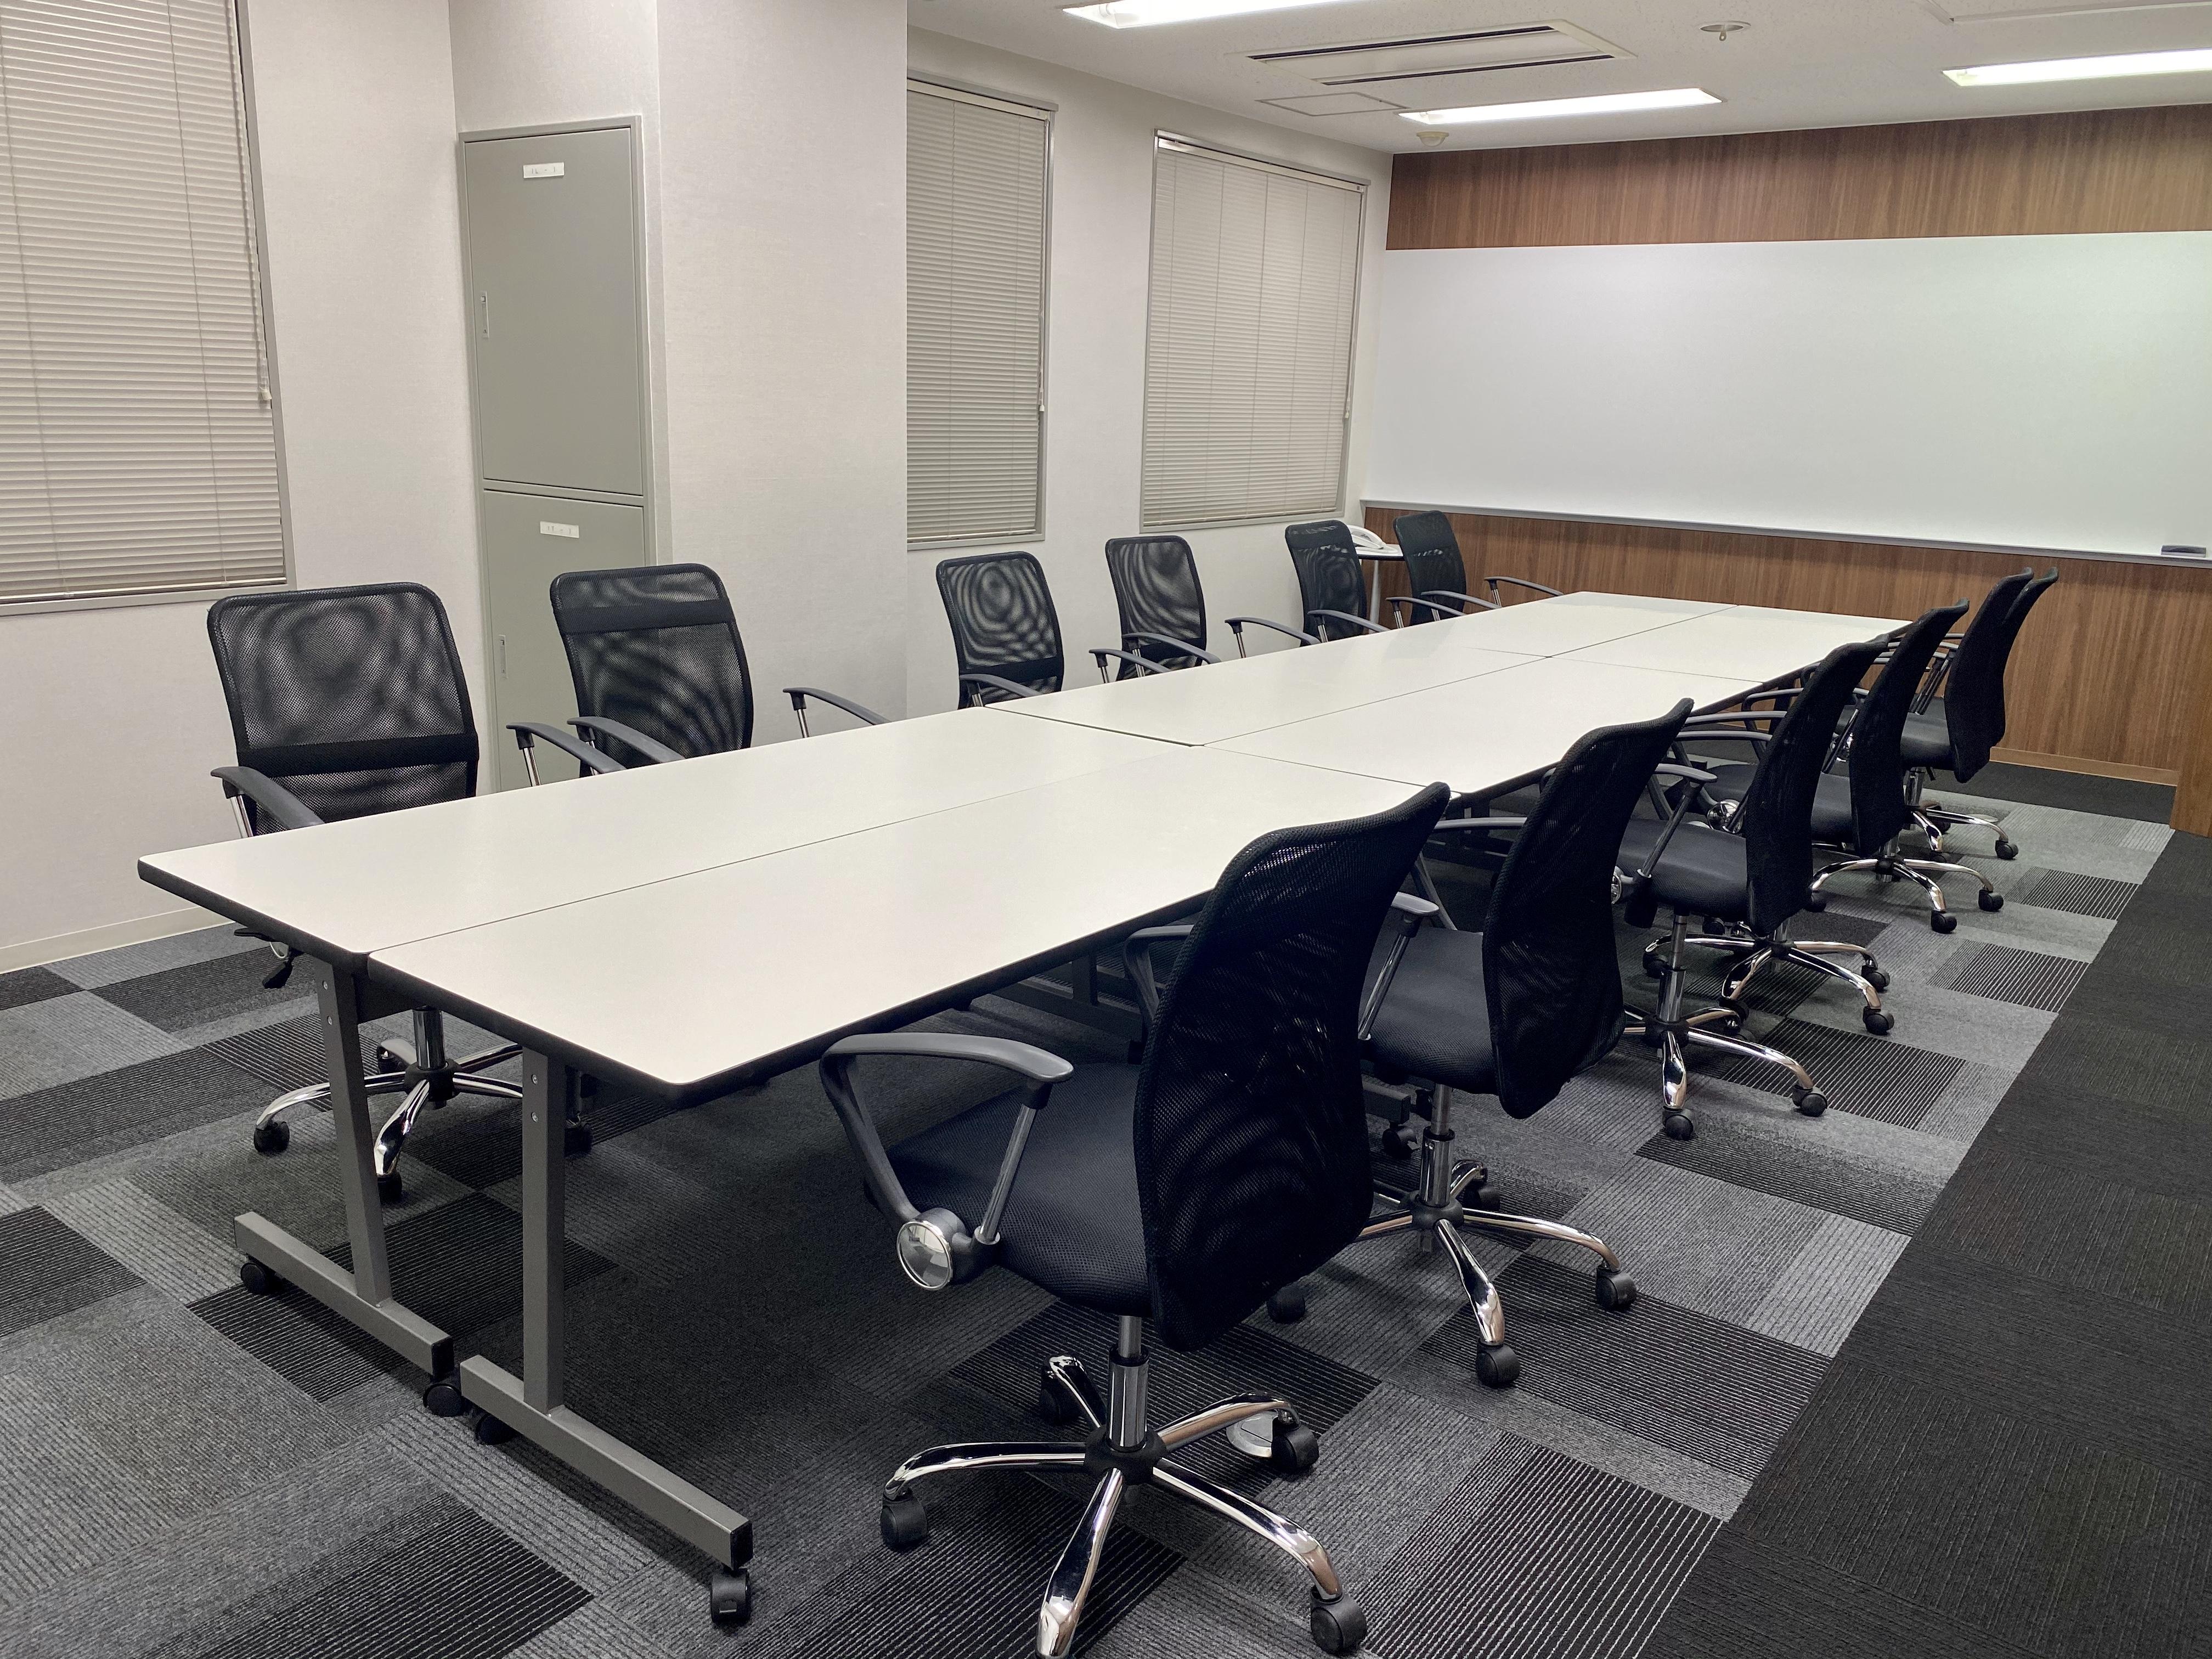 会議スタイル - D-SPOT-COM本町 D-SPOT-COM本町会議室の室内の写真